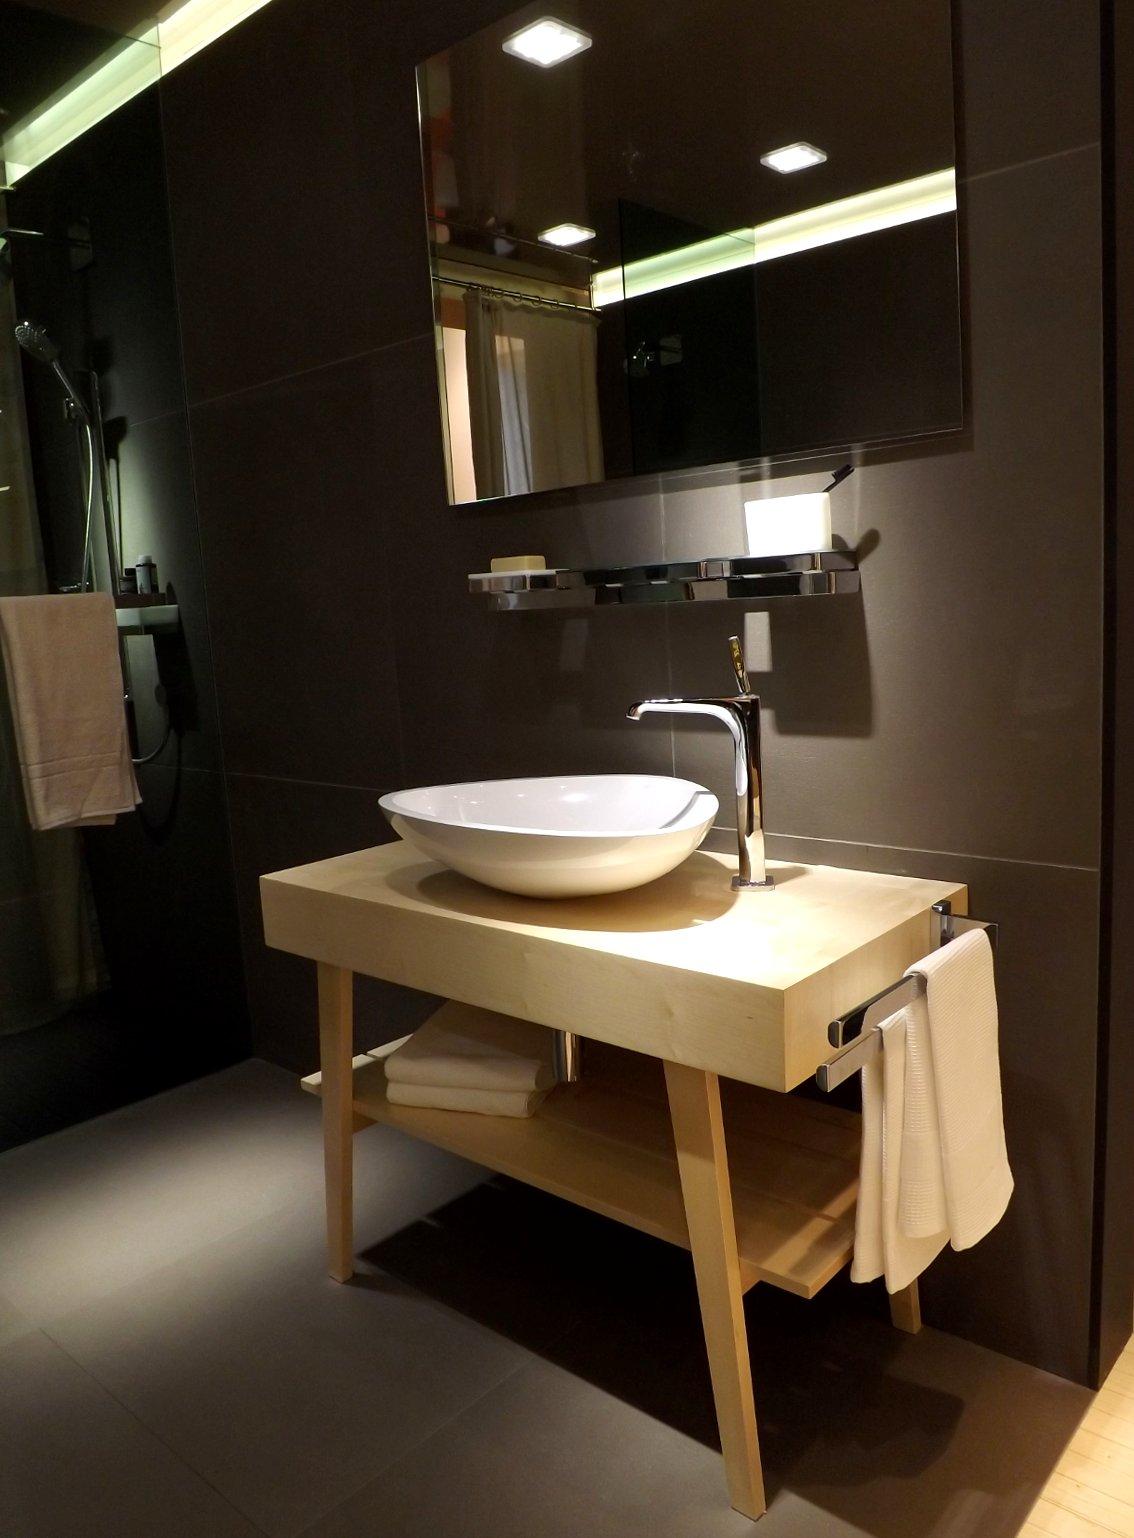 Модные тренды сантехники и аксессуаров для ванной 2016: умывальник со столешницей, зеркалом и открытым стеллажом на экспозиции от AXOR (Hansgrohe) во время выставки MosBuild